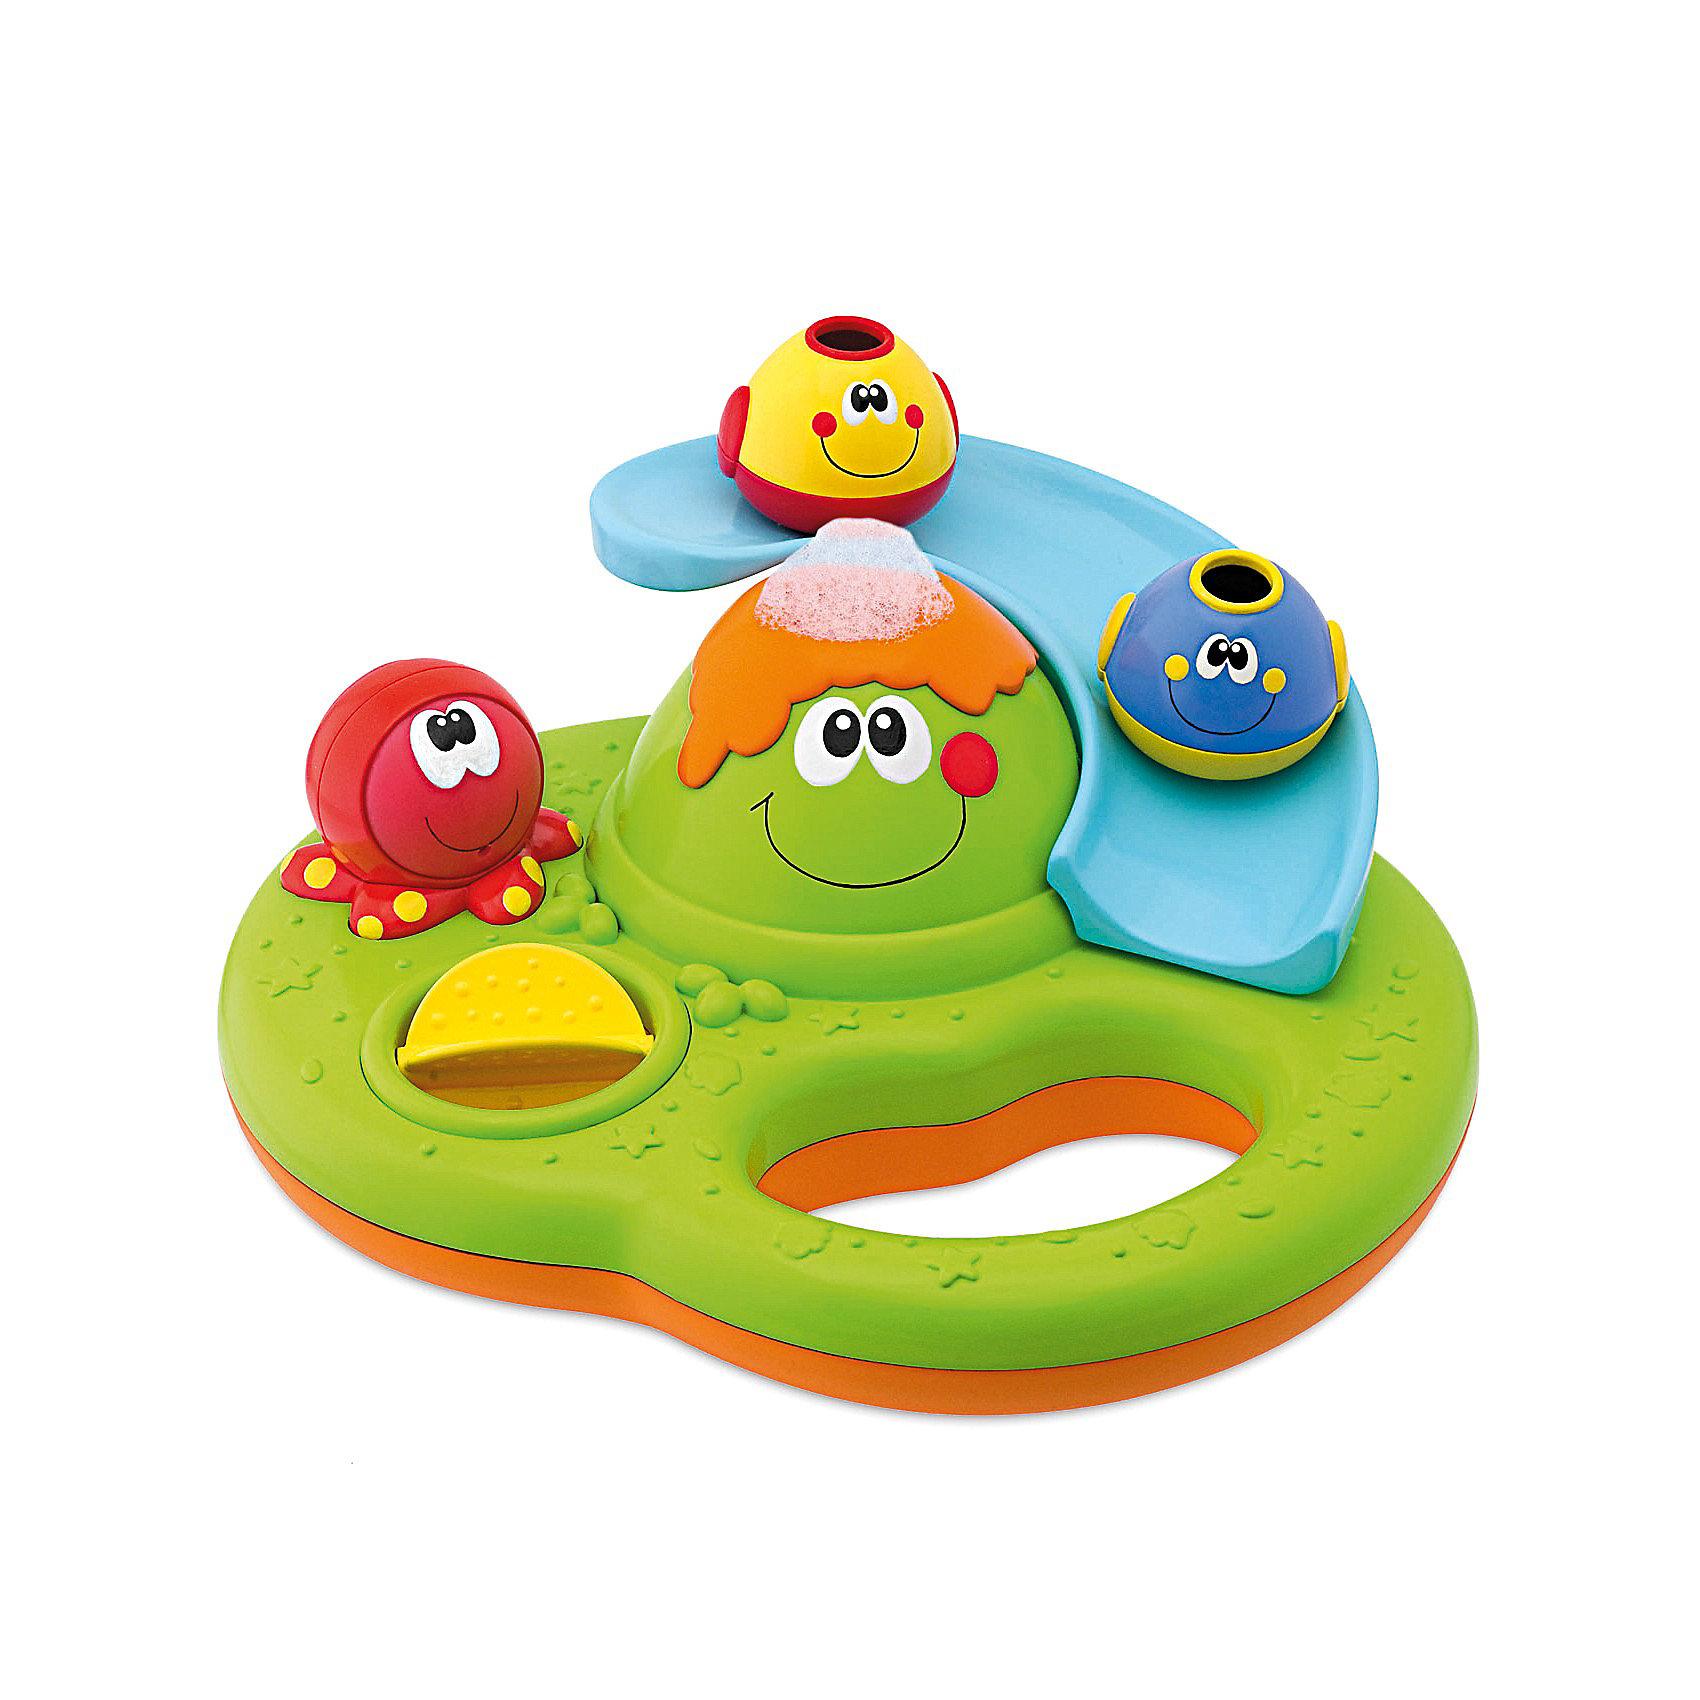 CHICCO Игрушка для ванной Остров пузырьков, Chicco chicco chicco игрушка для ванны лейка с цветком